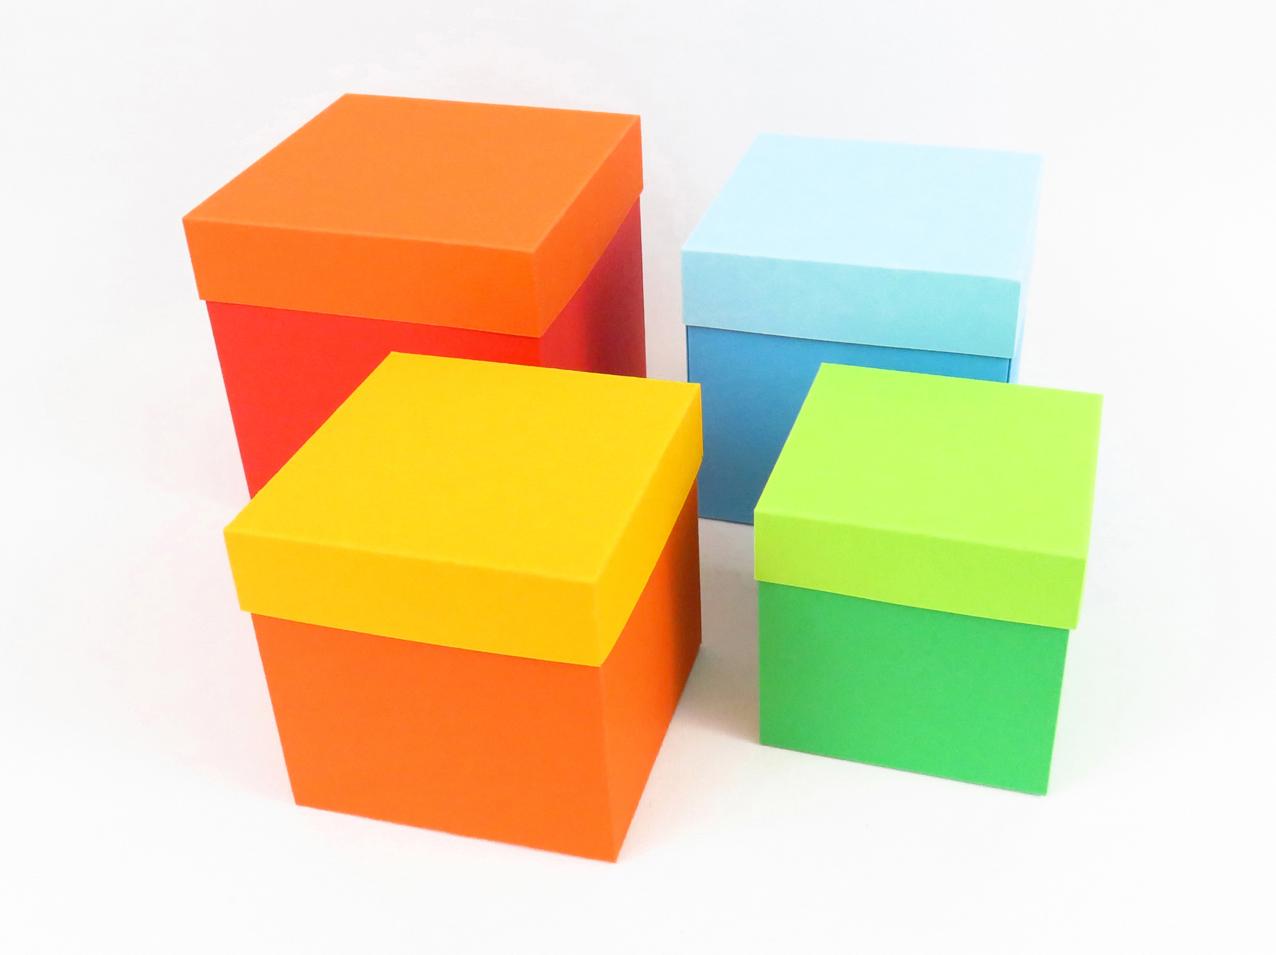 Herz Schachtel Vorlage Zum Ausdrucken Schachtel 1